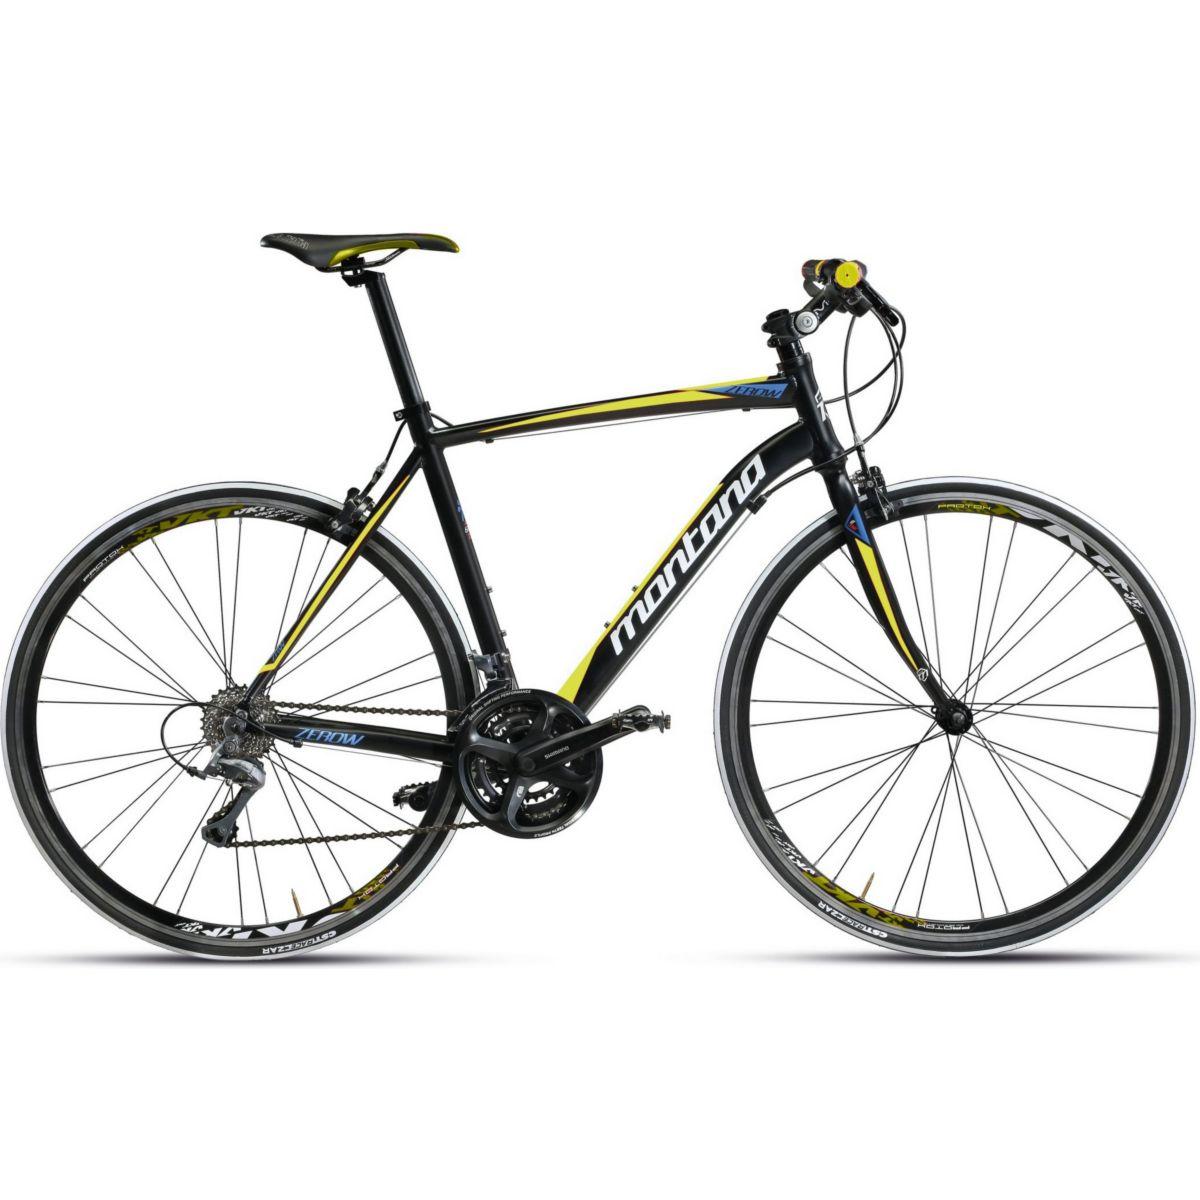 28 Zoll Rennrad 24 Gang Montana Zerow Comfort schwarz-gelb, 58cm jetztbilligerkaufen